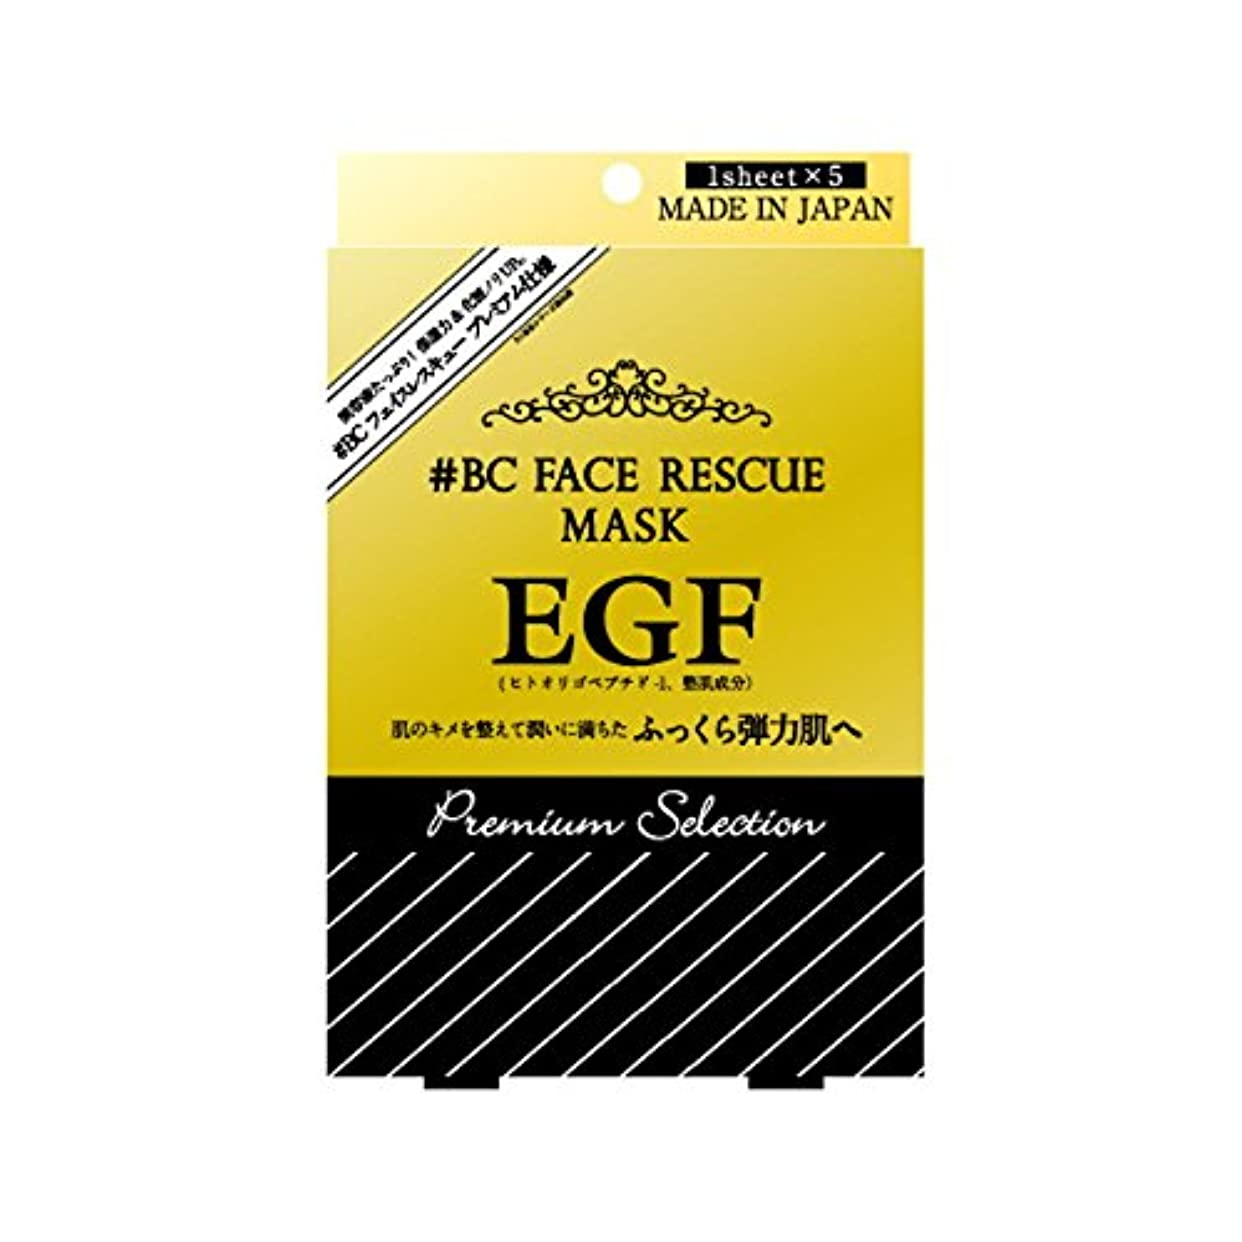 中国忌み嫌うアルバムEGF フェイスレスキューマスク PS 1箱(25ml×5枚)